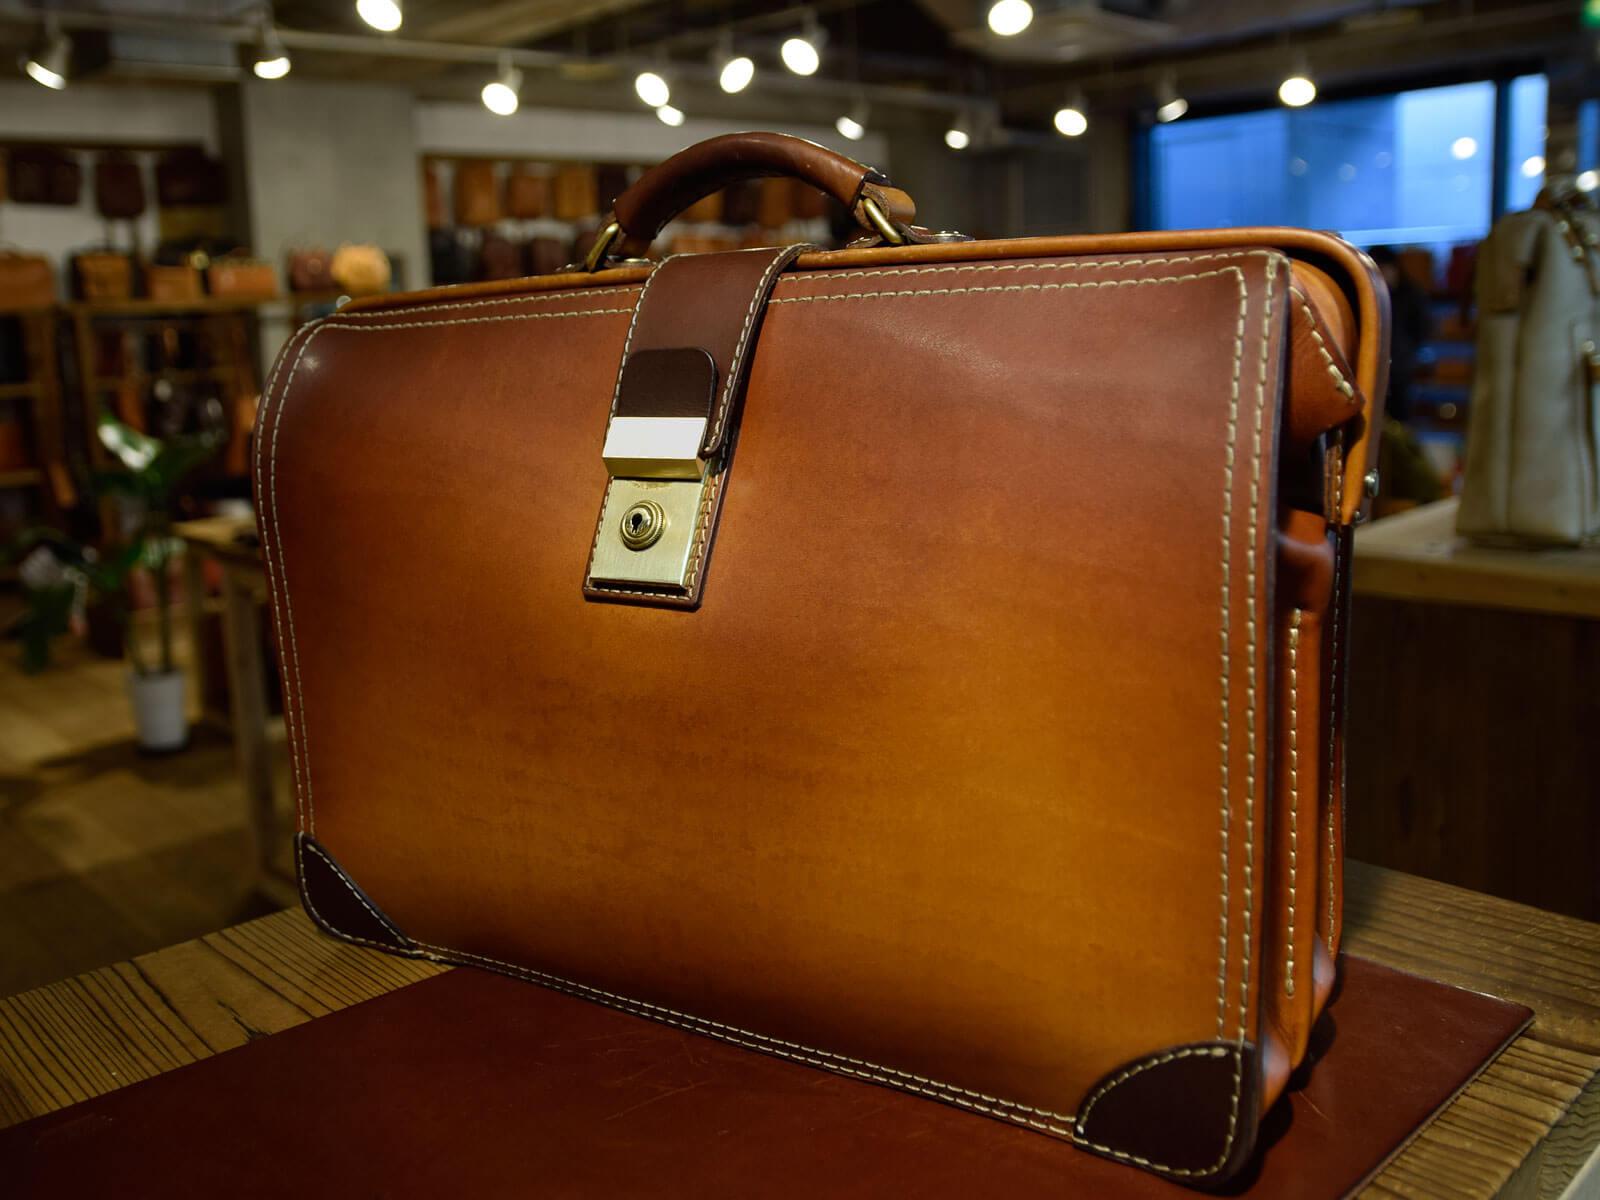 ダレスバッグの素敵な革のエイジングとスーパーカラーバッグのご紹介